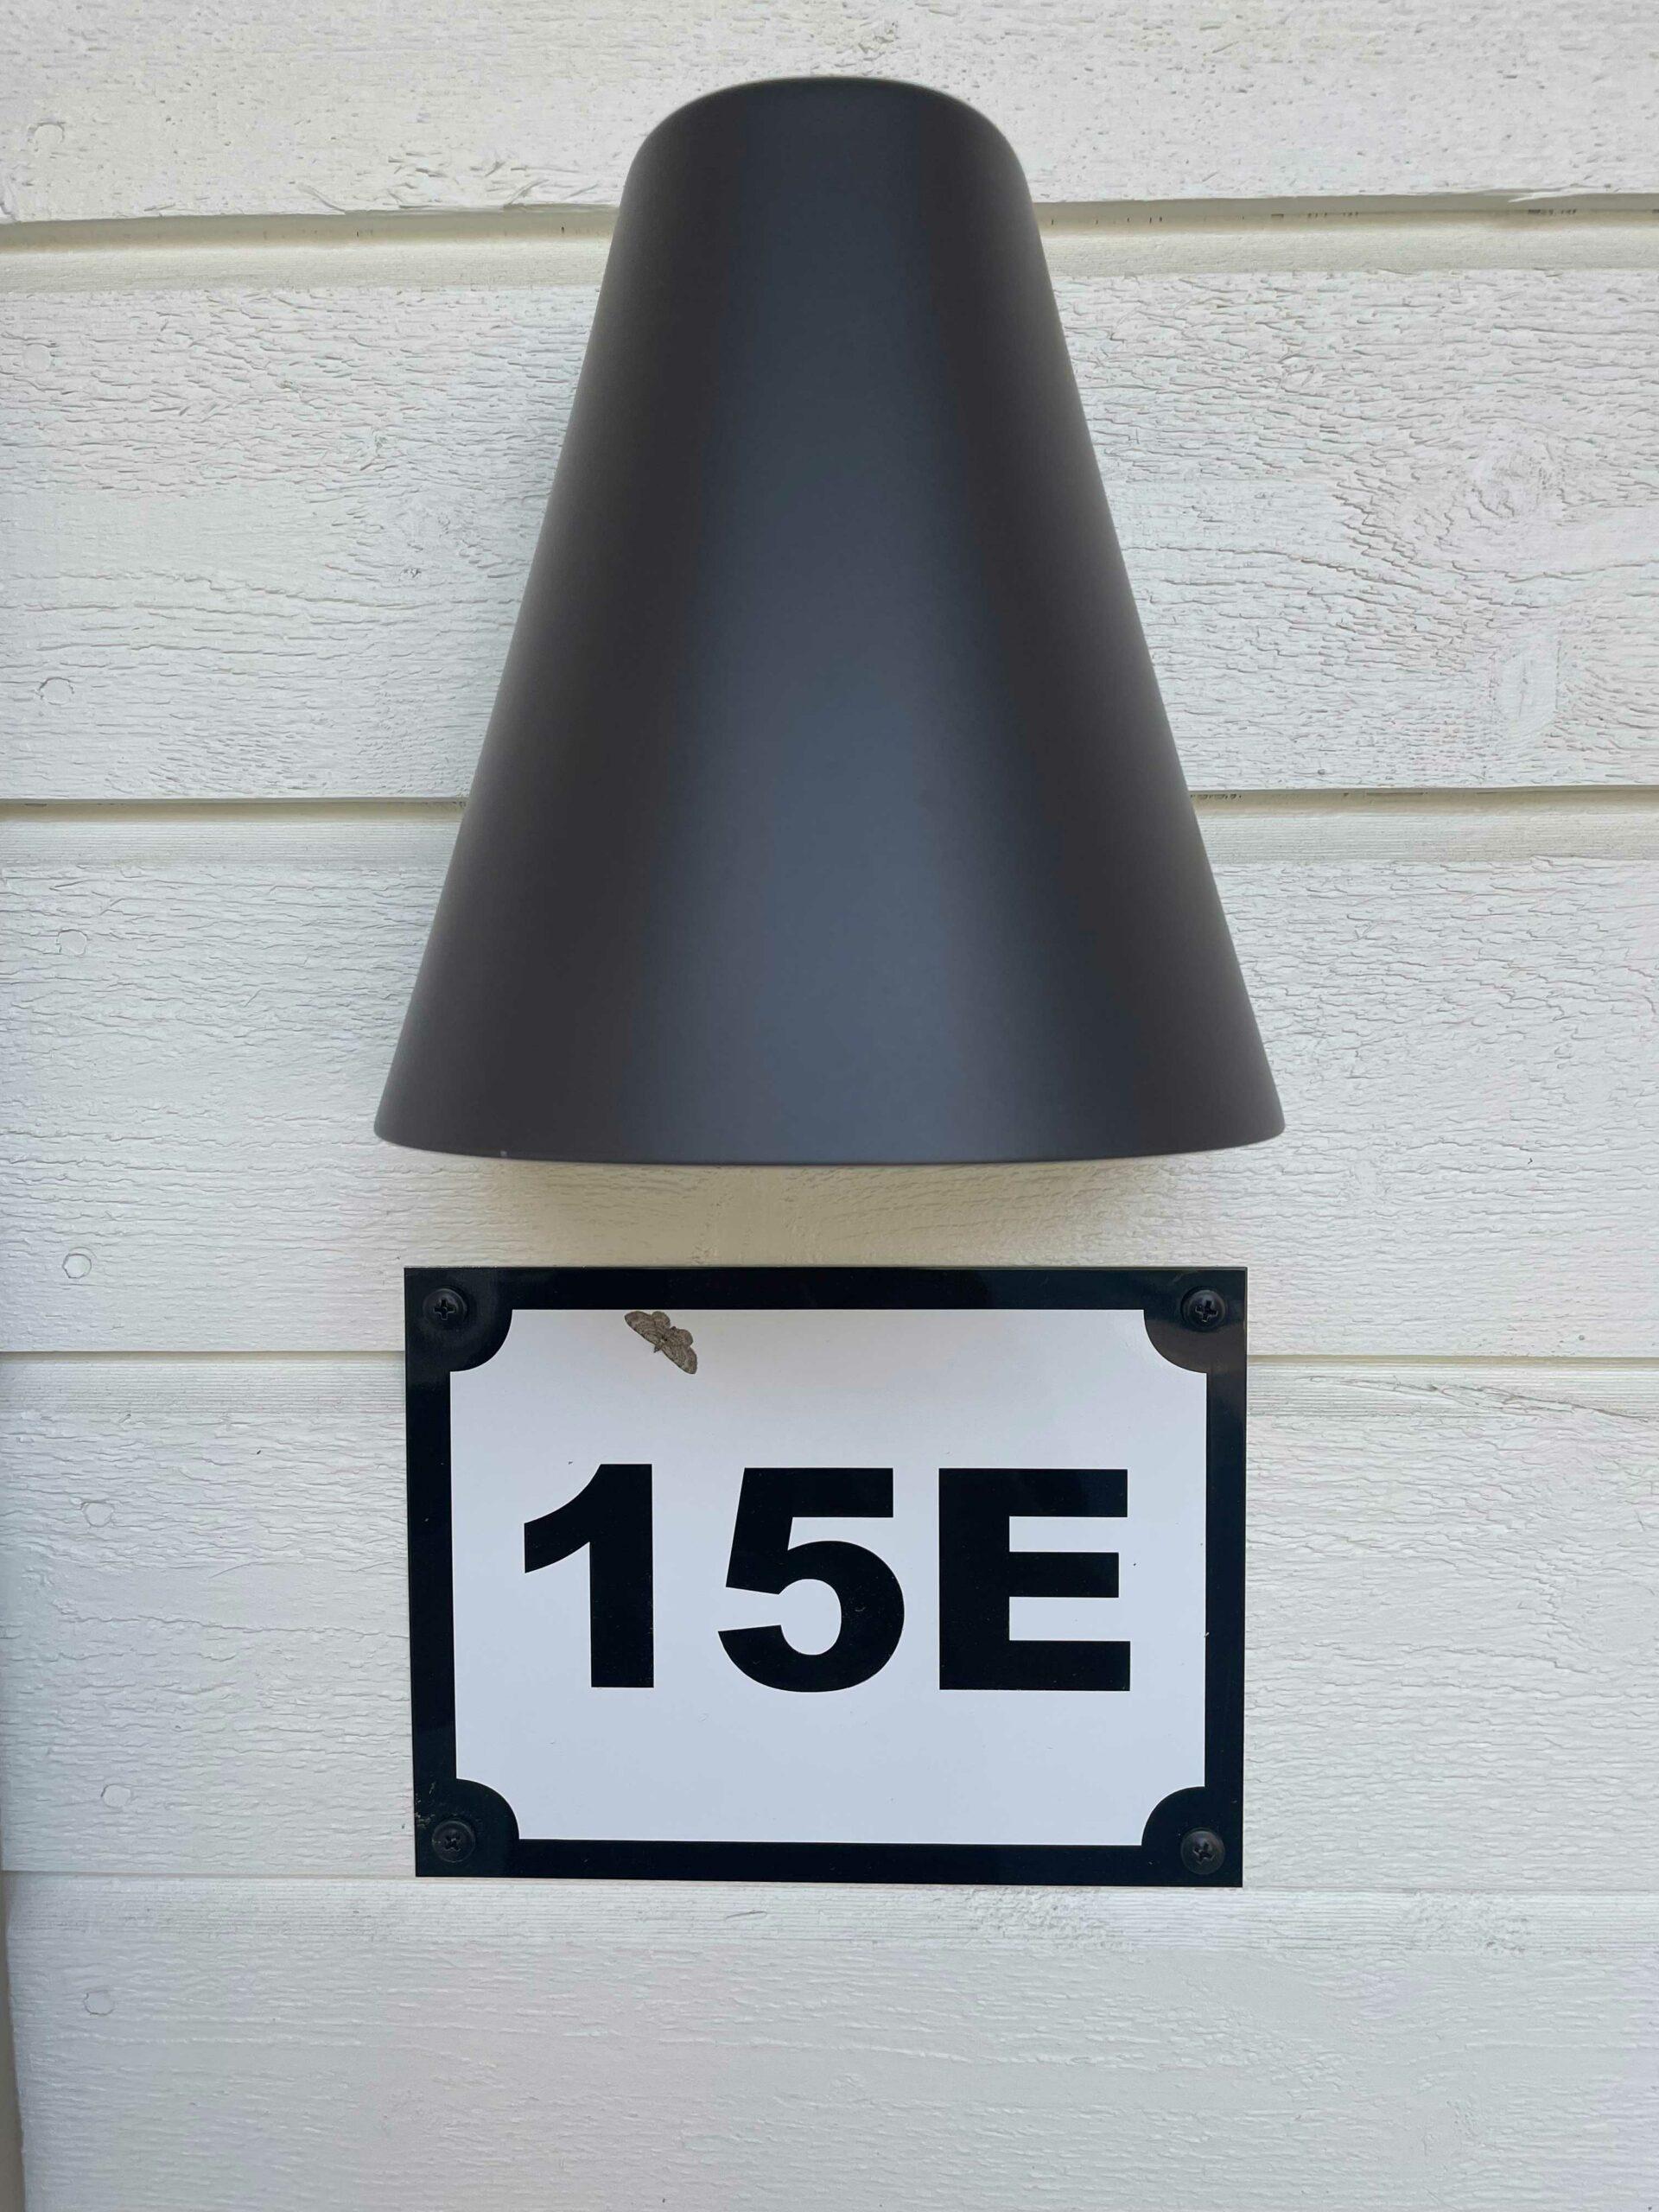 Mejselv-15E-skylt